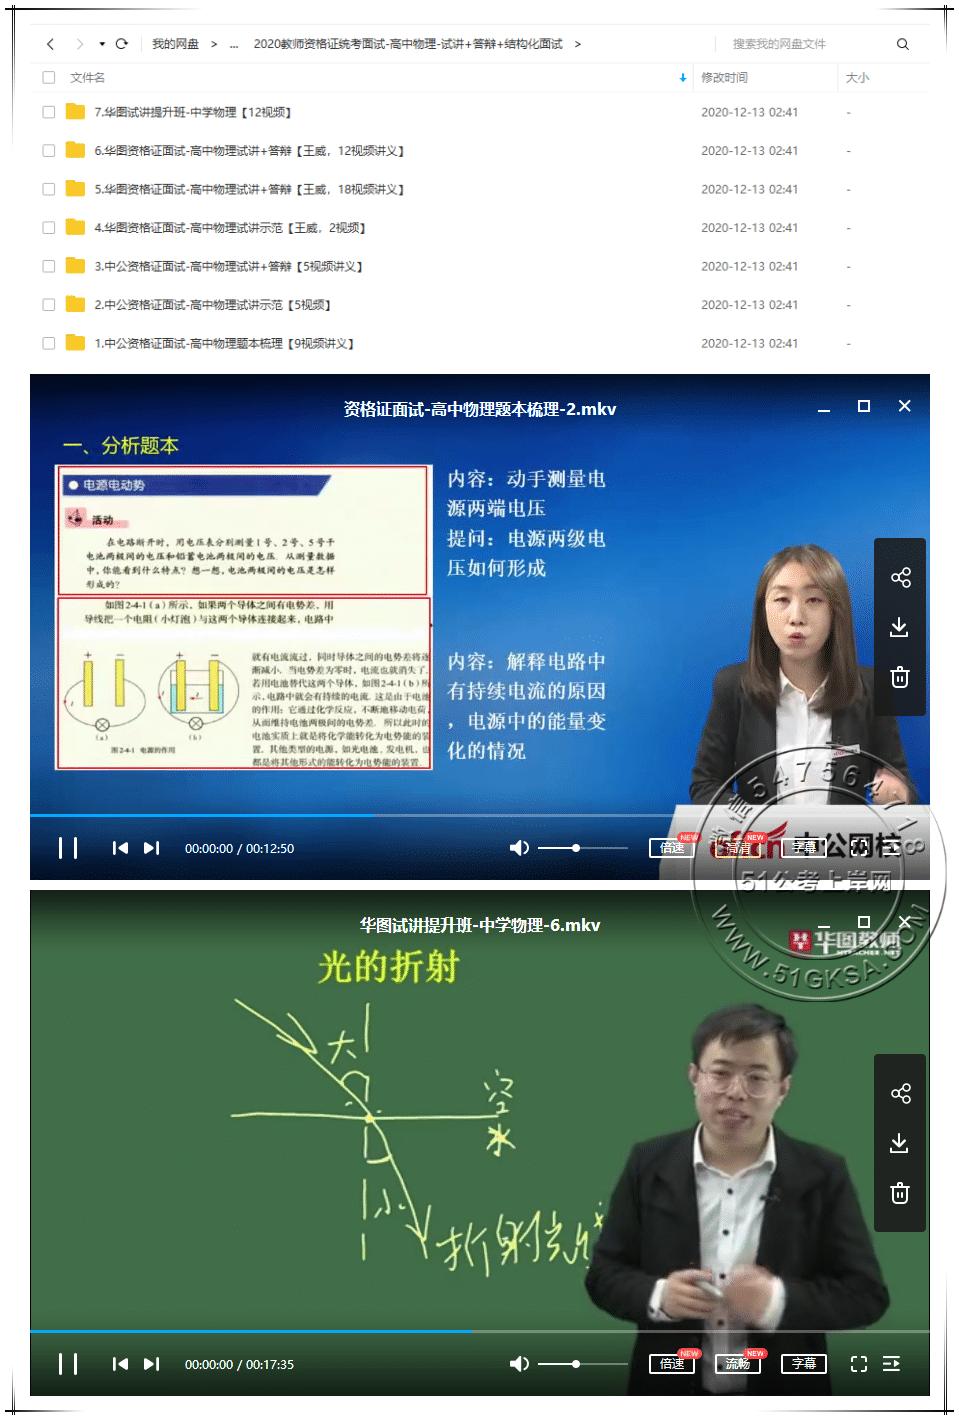 2020高中物理教师资格证统考面试(试讲+答辩+结构化面试)-51公考上岸网